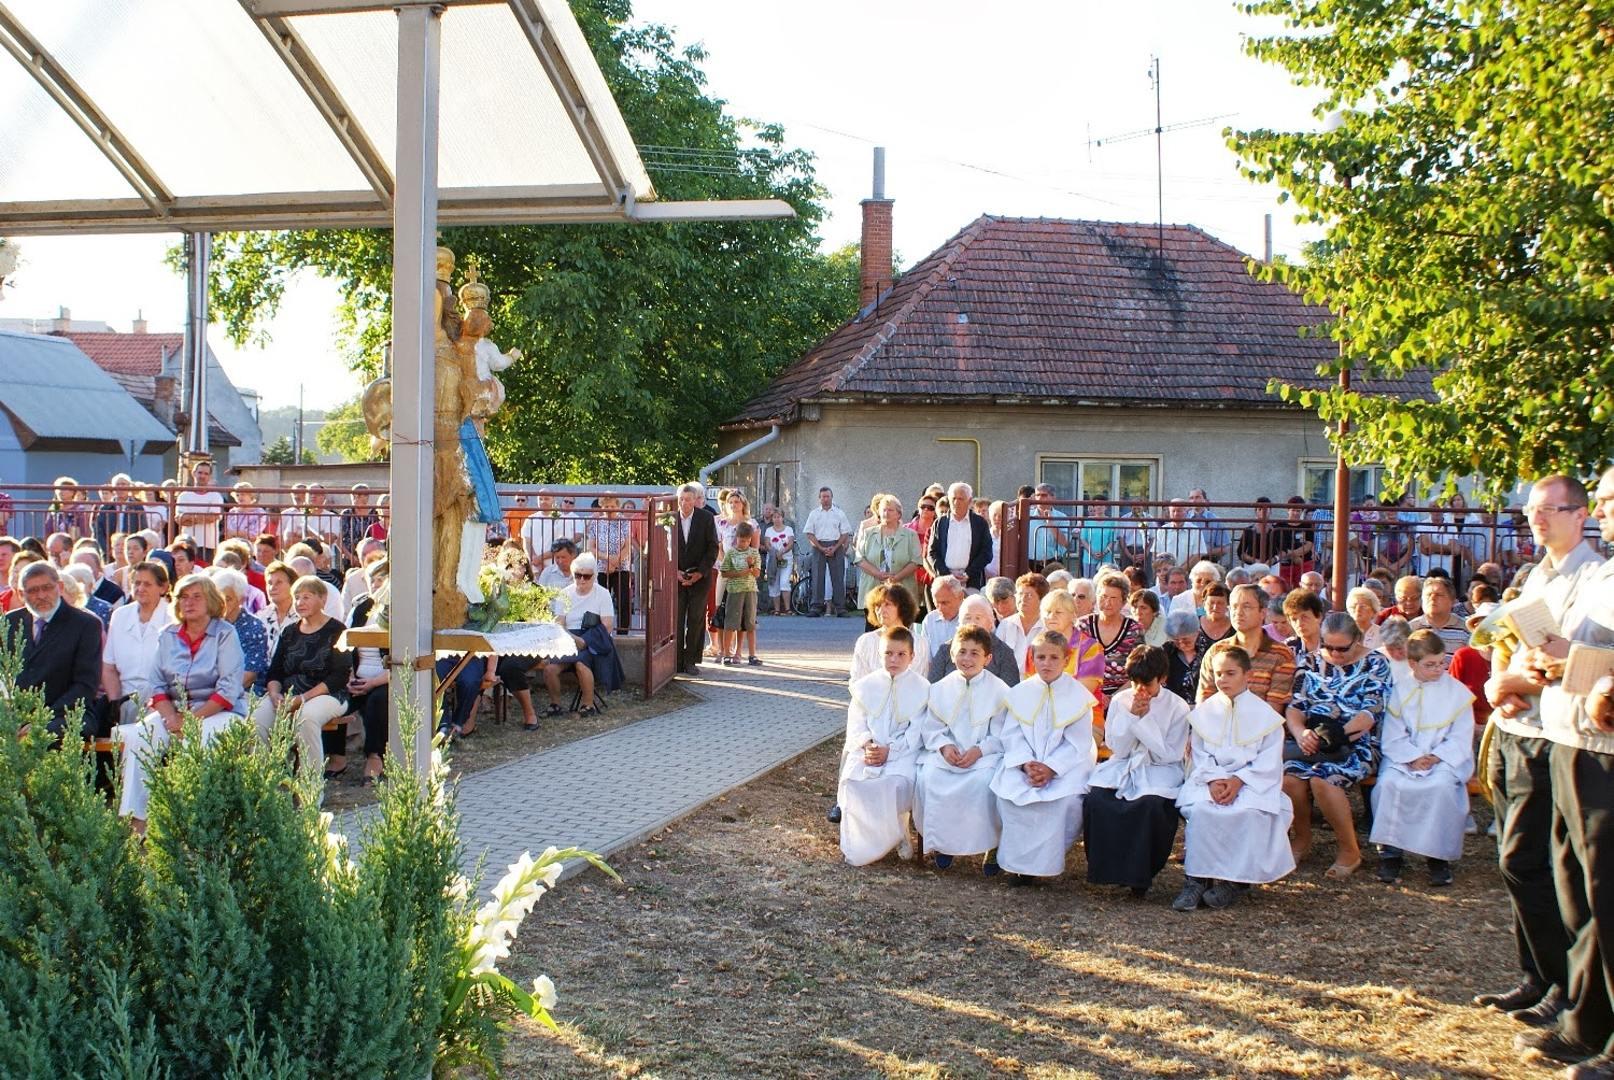 Svätá omša pri kaplnke v predvečer sviatku NARODENIA PANNY MÁRIE